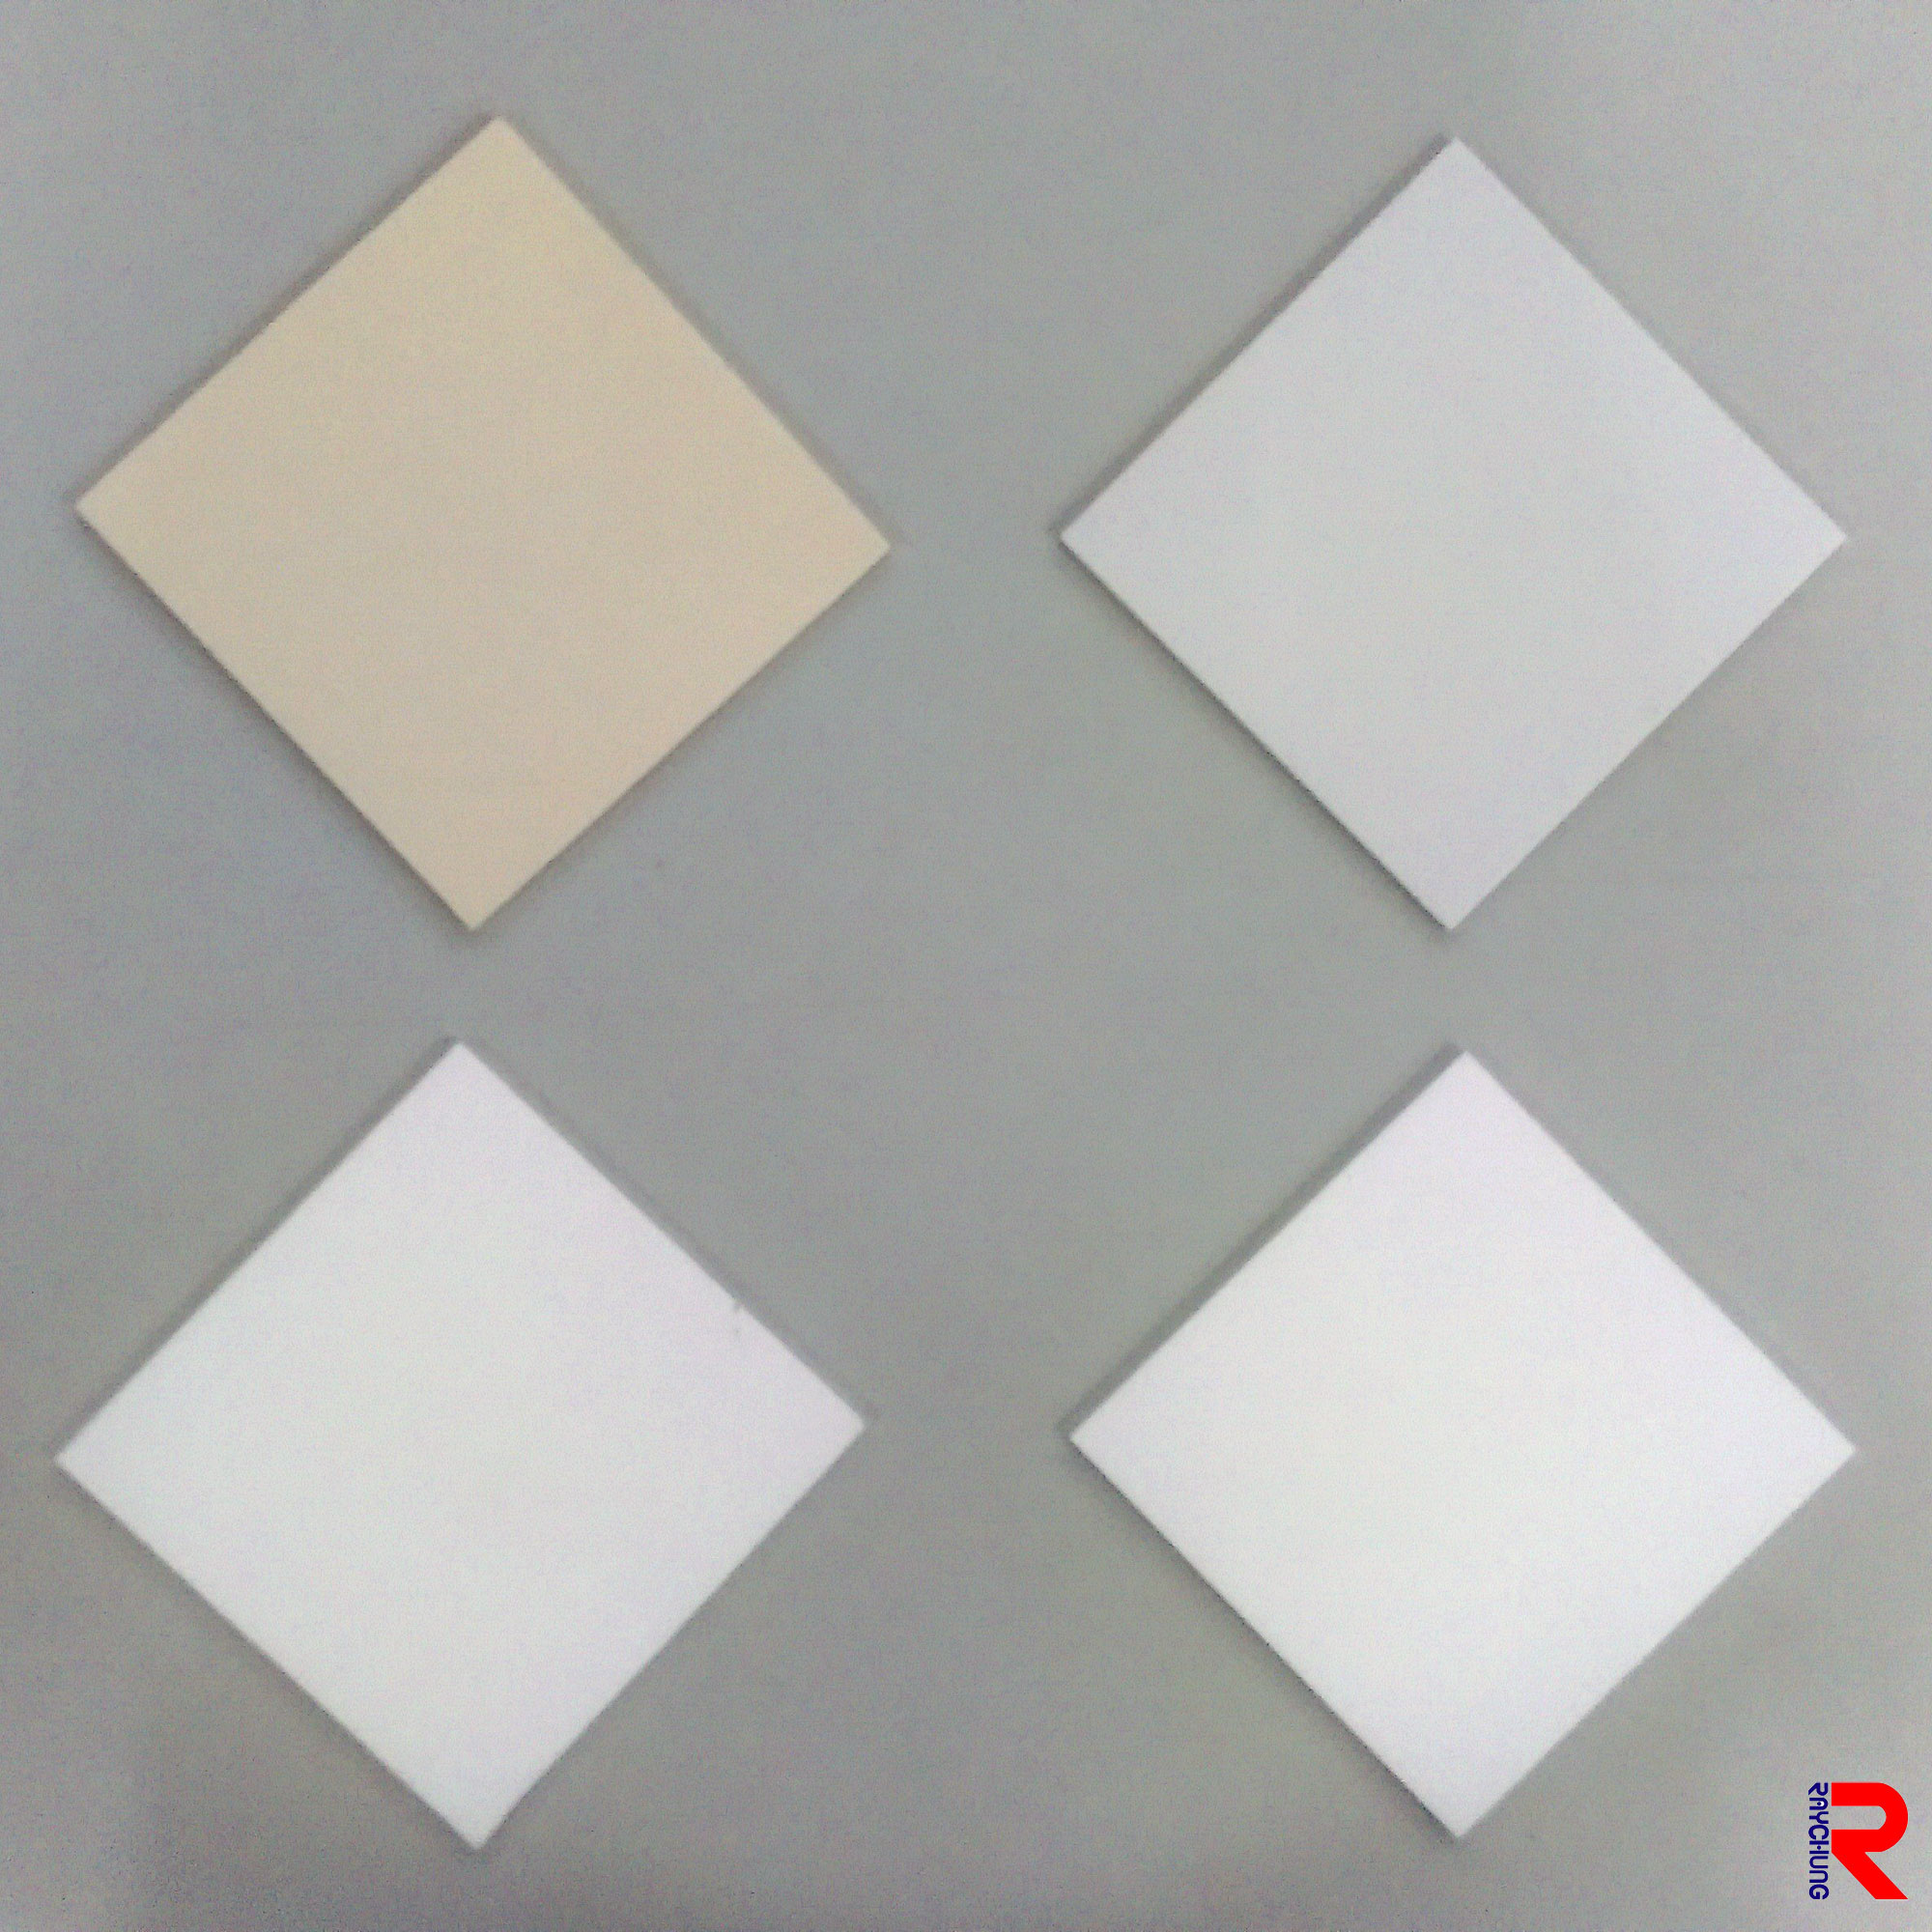 Saniware sheet - saniware sheet colors